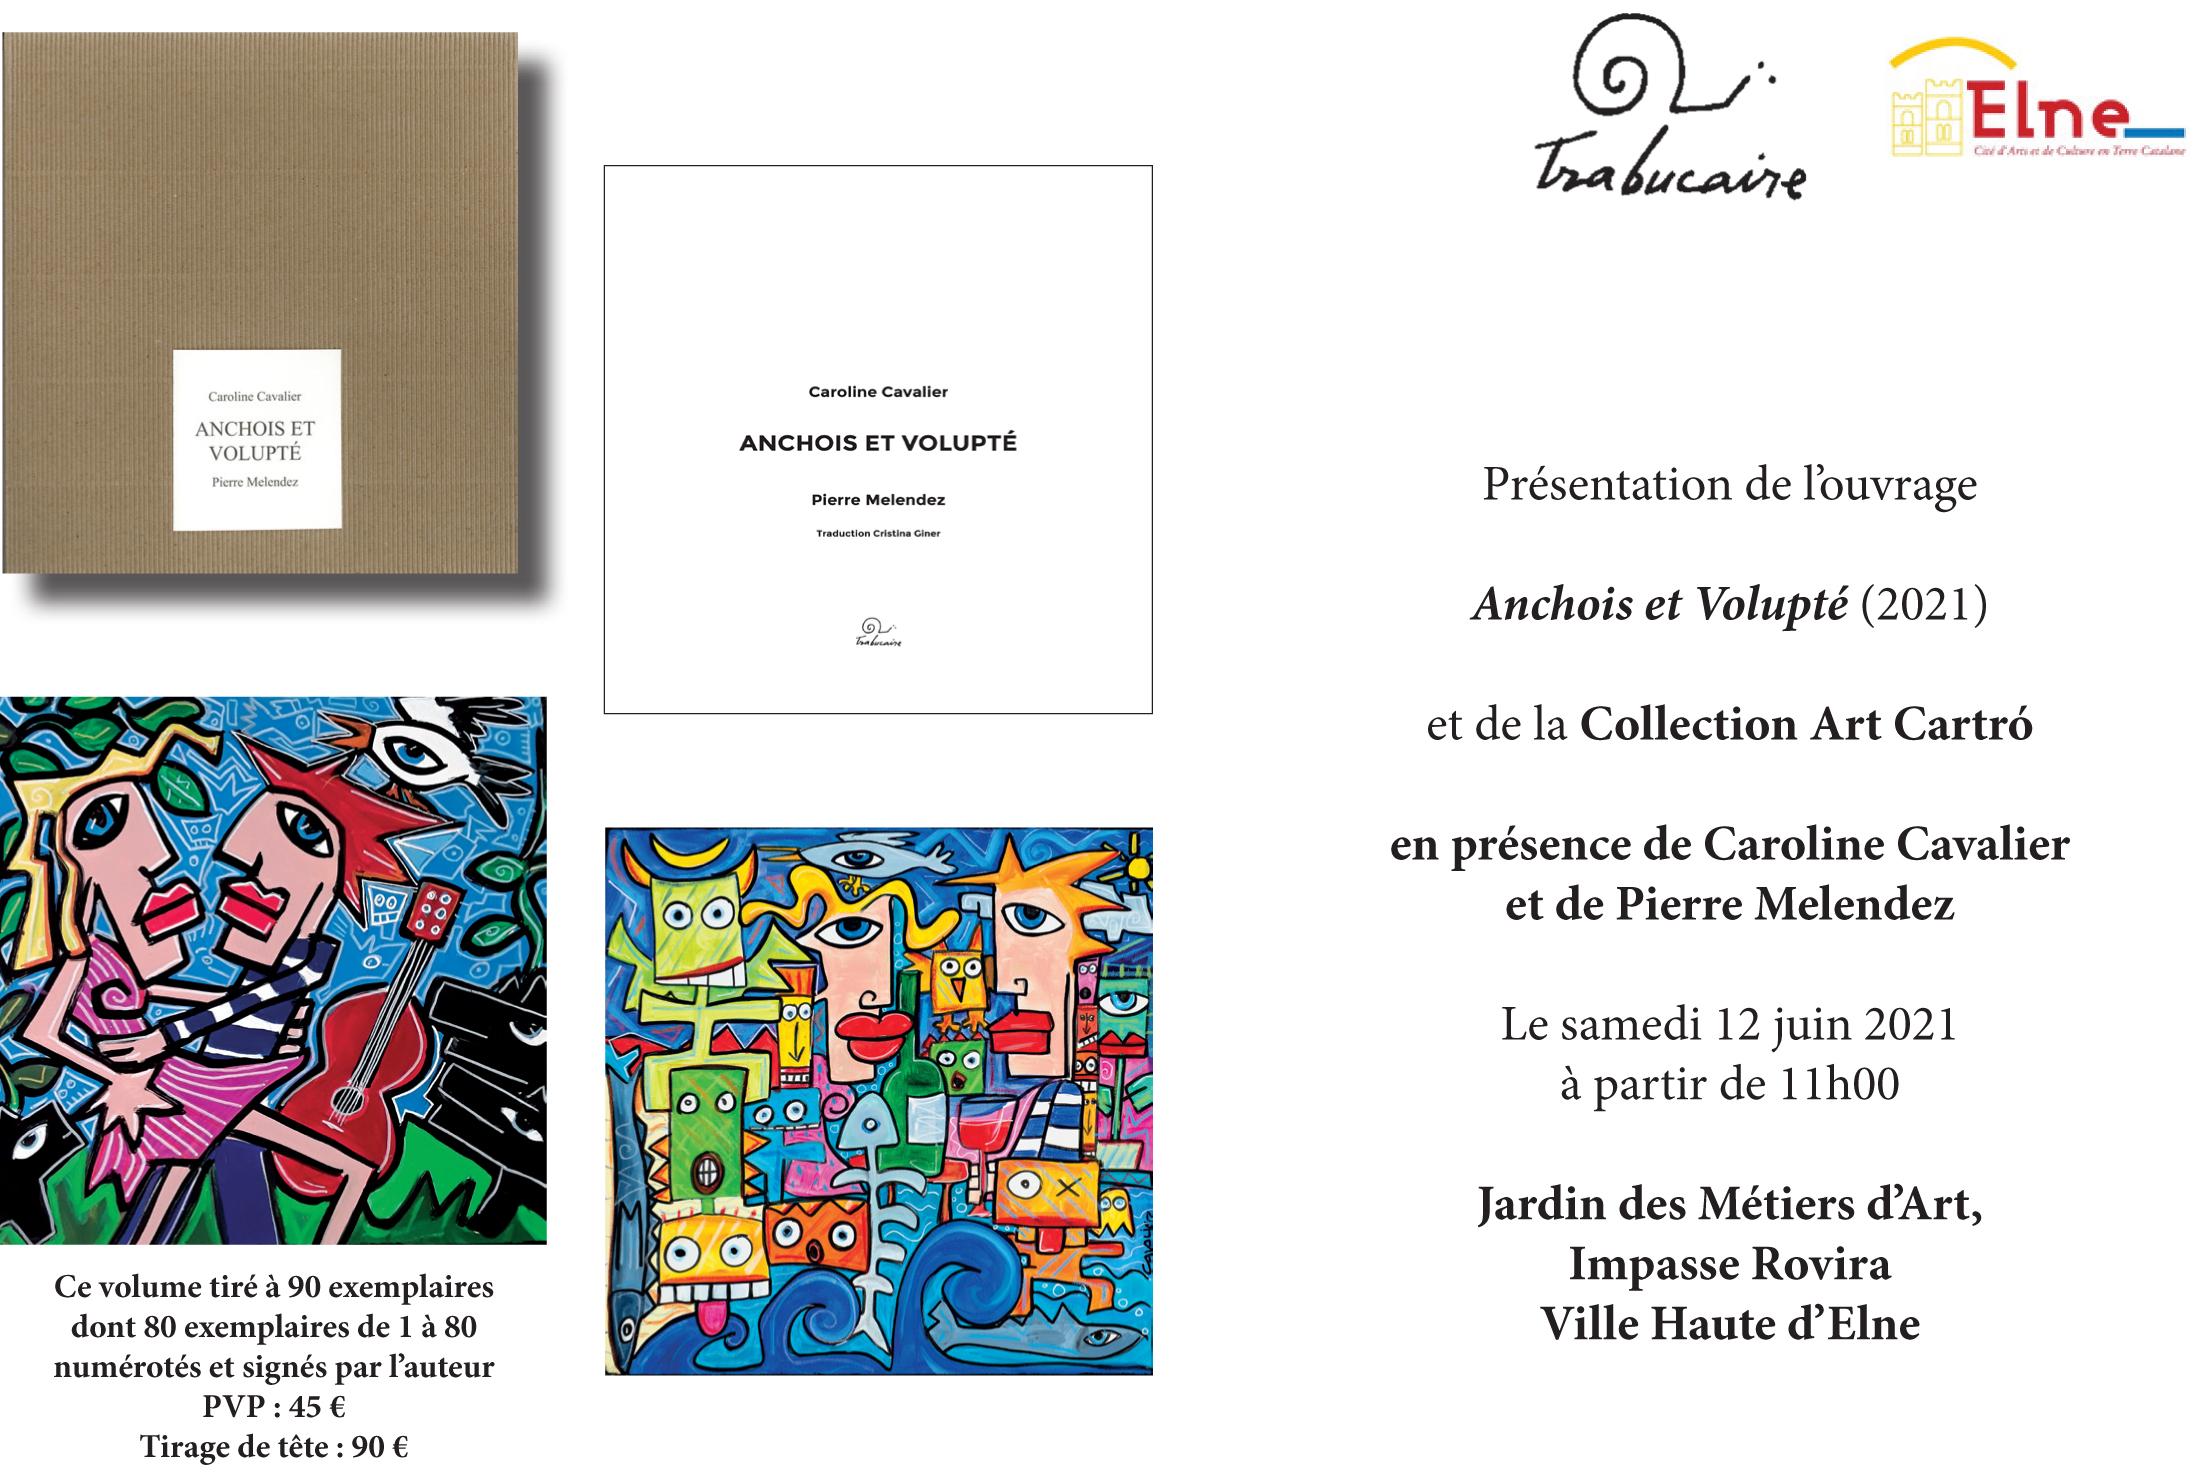 Présentation Anchois et Volupté - Elne-1